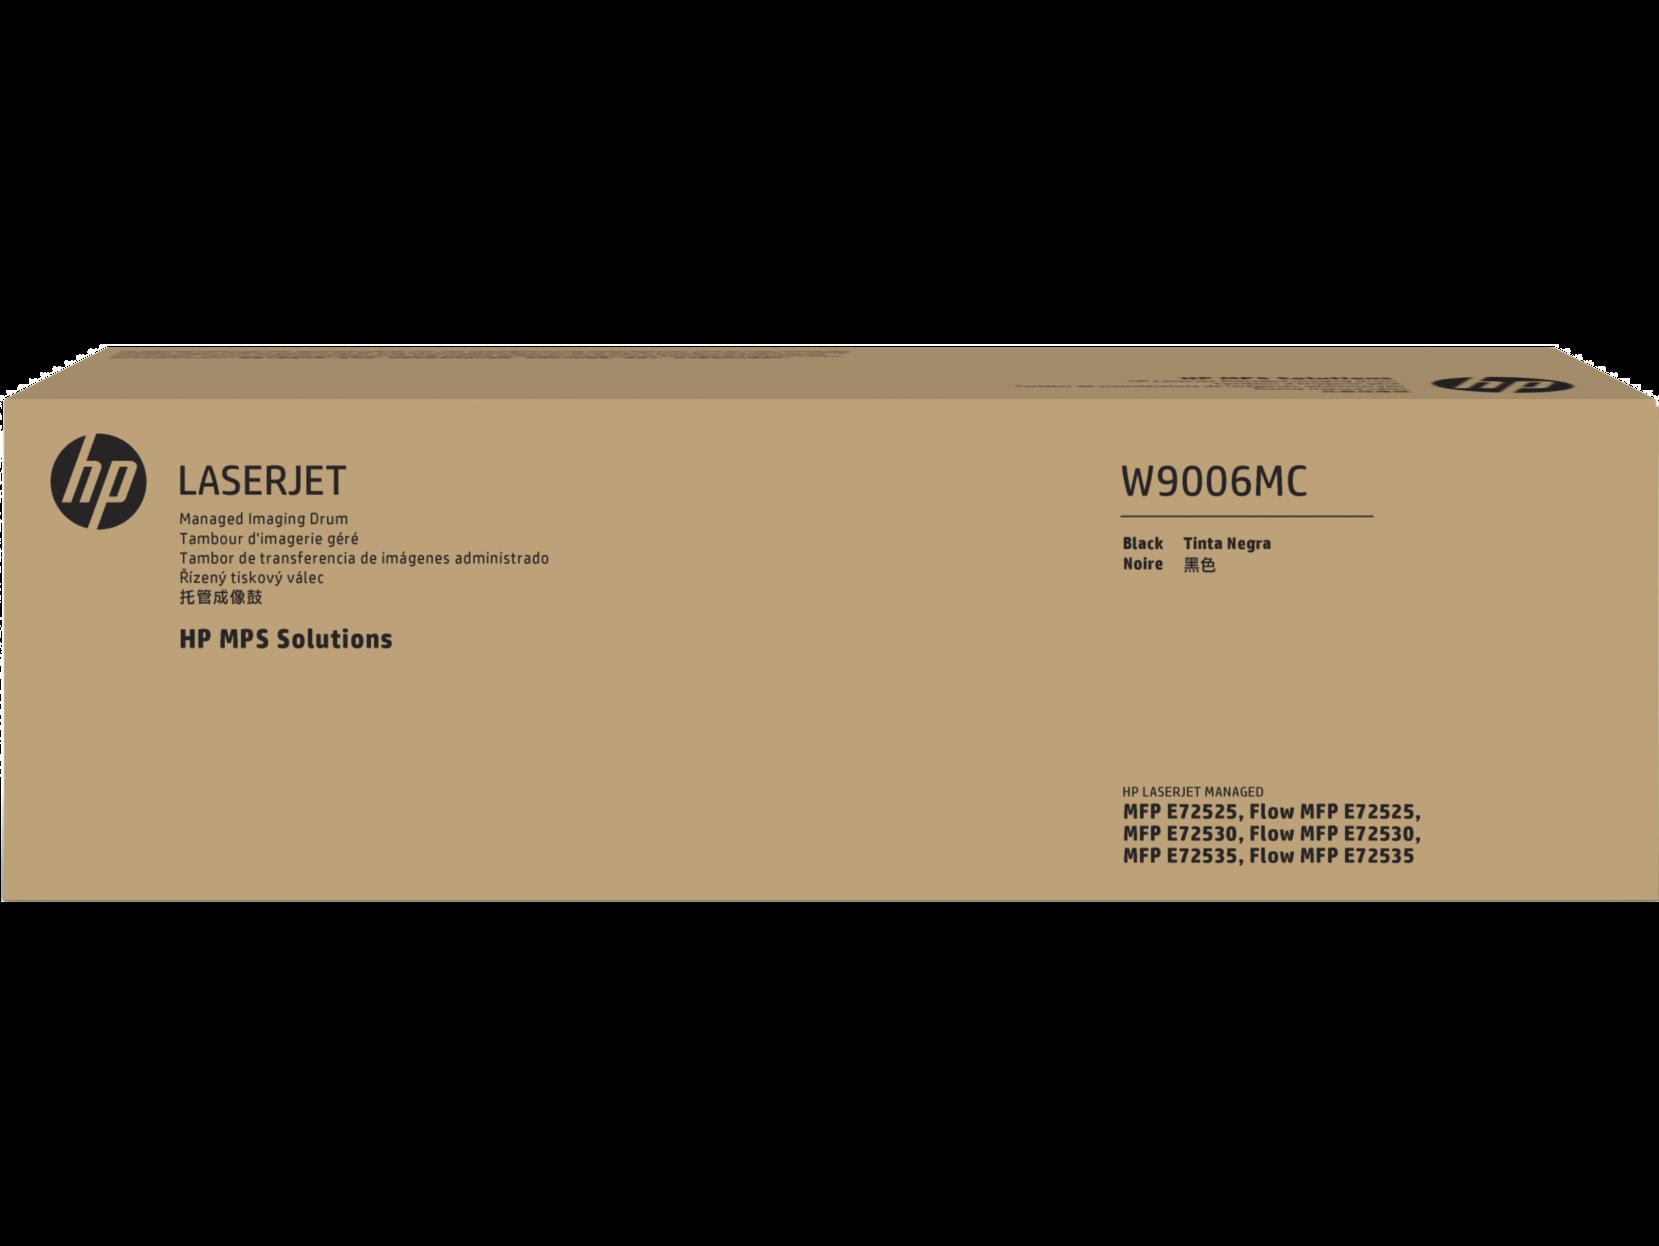 Unitate imagine HP W9006MC Black 200000 pagini pentru E72525 E72530 E72535